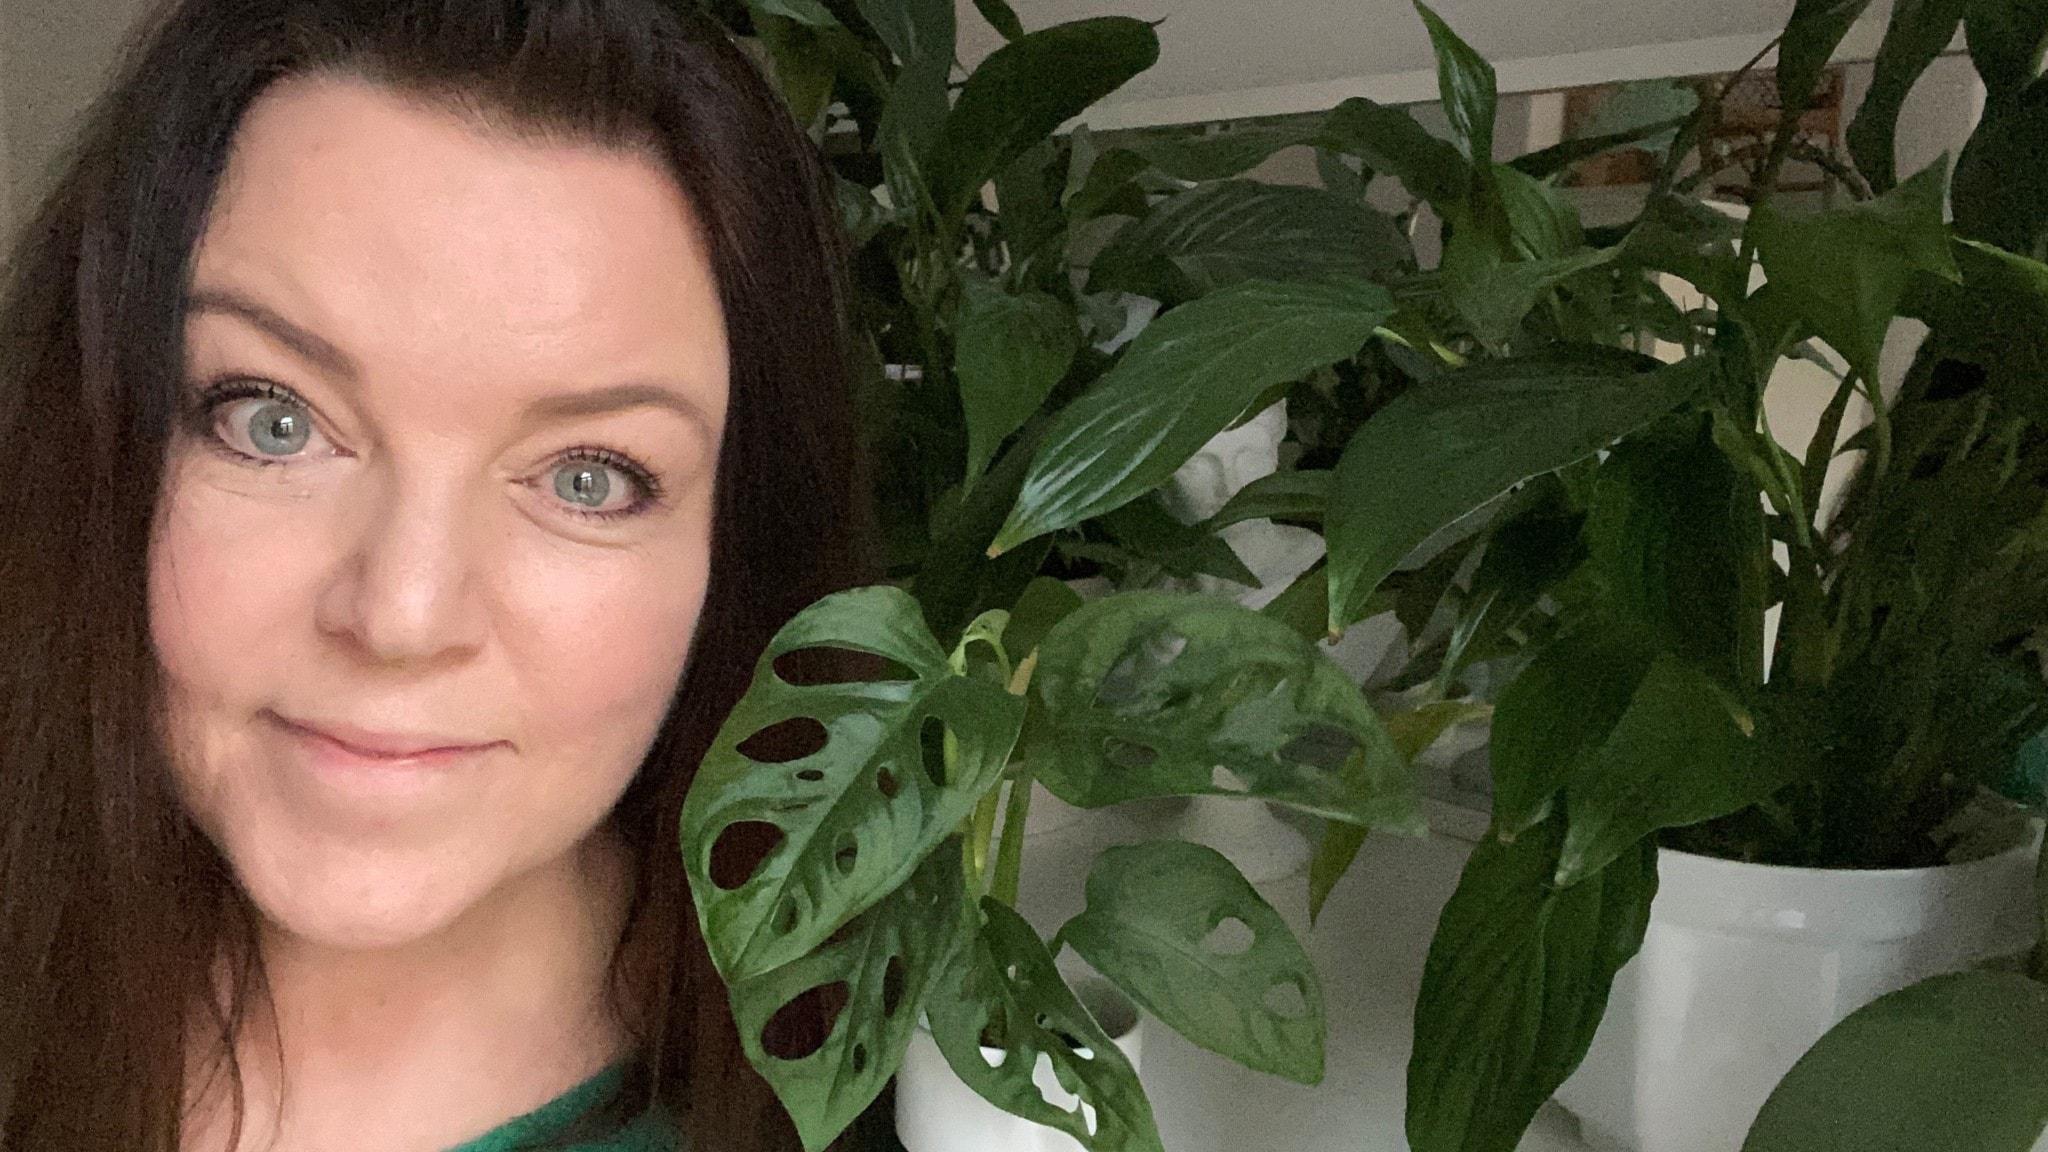 Mona Wahlund står framför krukväxter och ler.